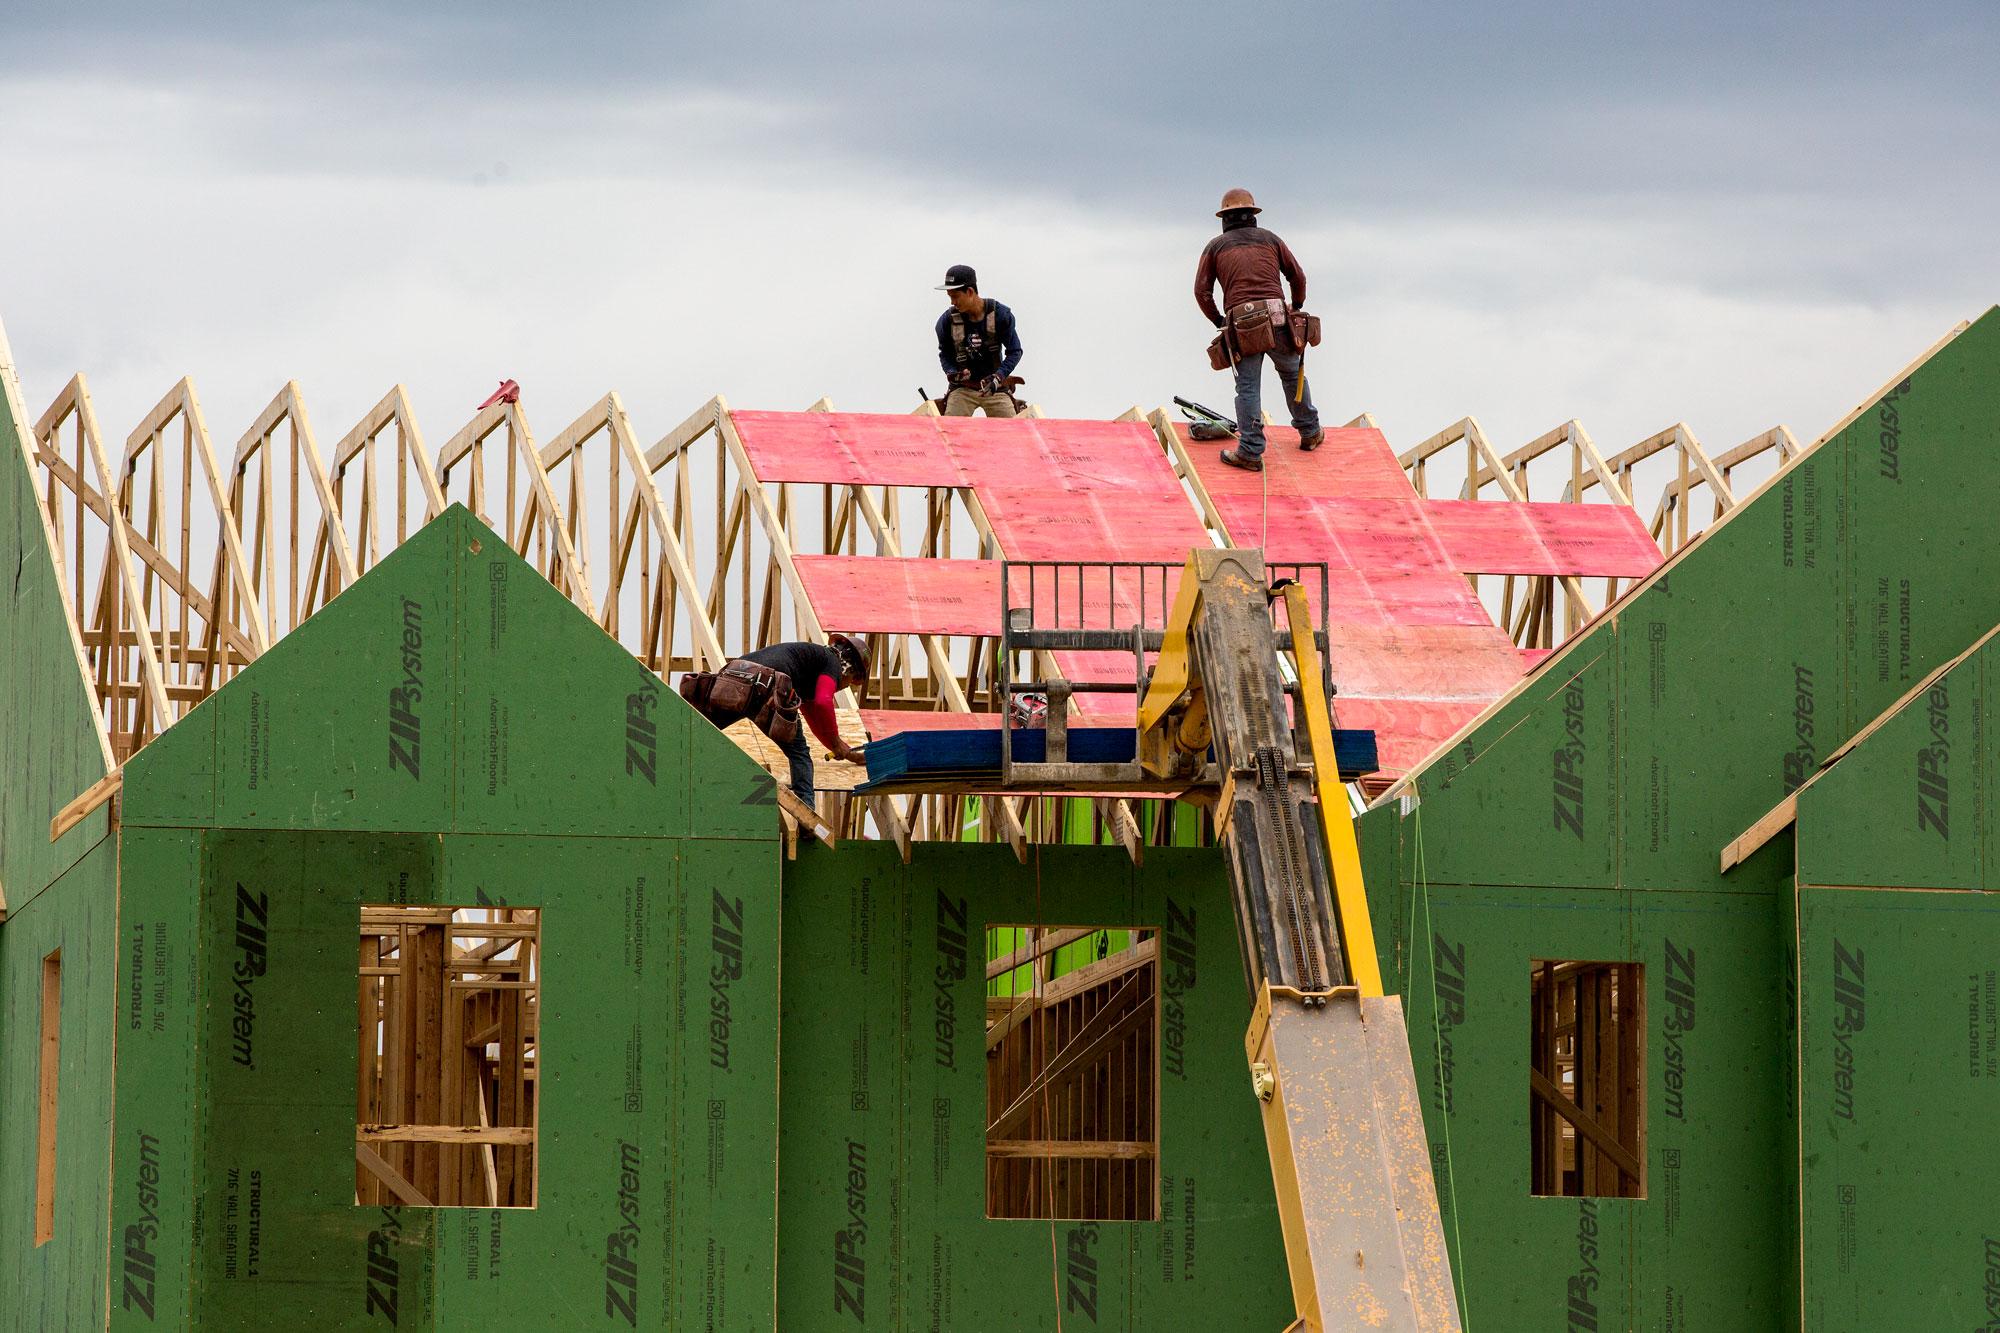 New home construction in Denver's Stapleton neighborhoodThursday, May 16, 2019.